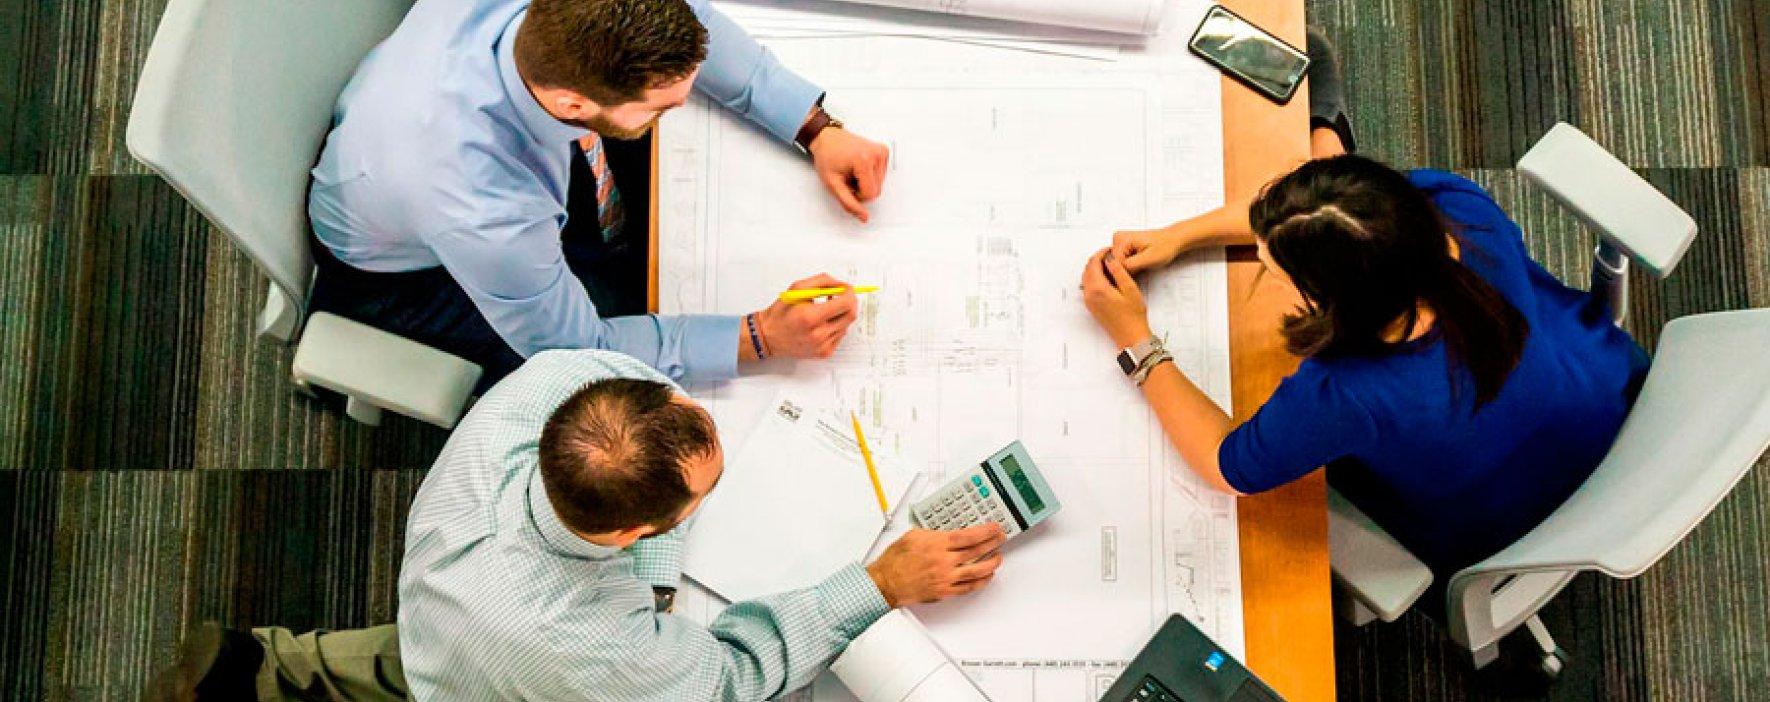 Gobierno Nacional lanza estrategia para impulsar la productividad del sector constructor